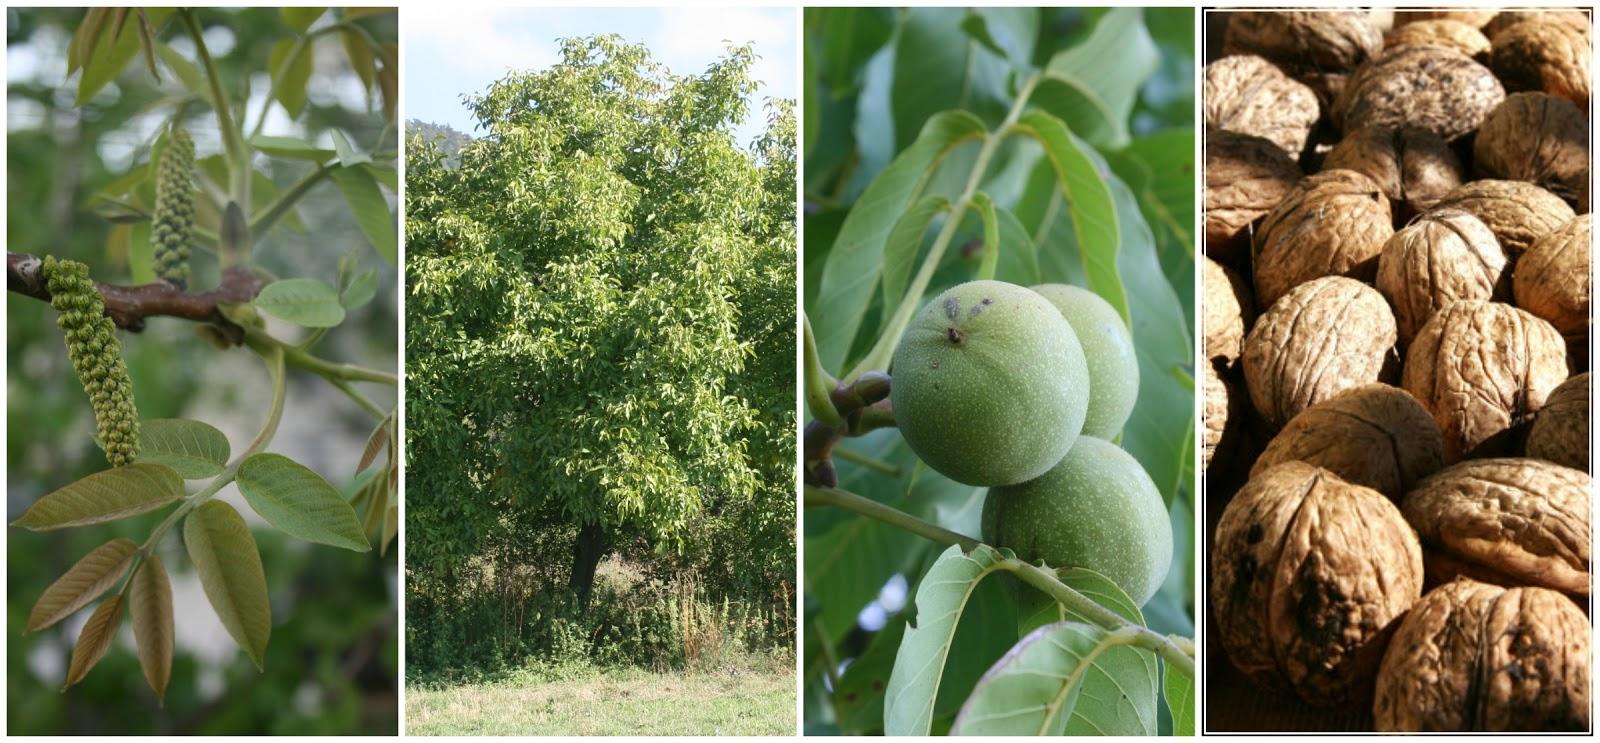 Walnut Tree Care - How To Grow A Walnut Tree